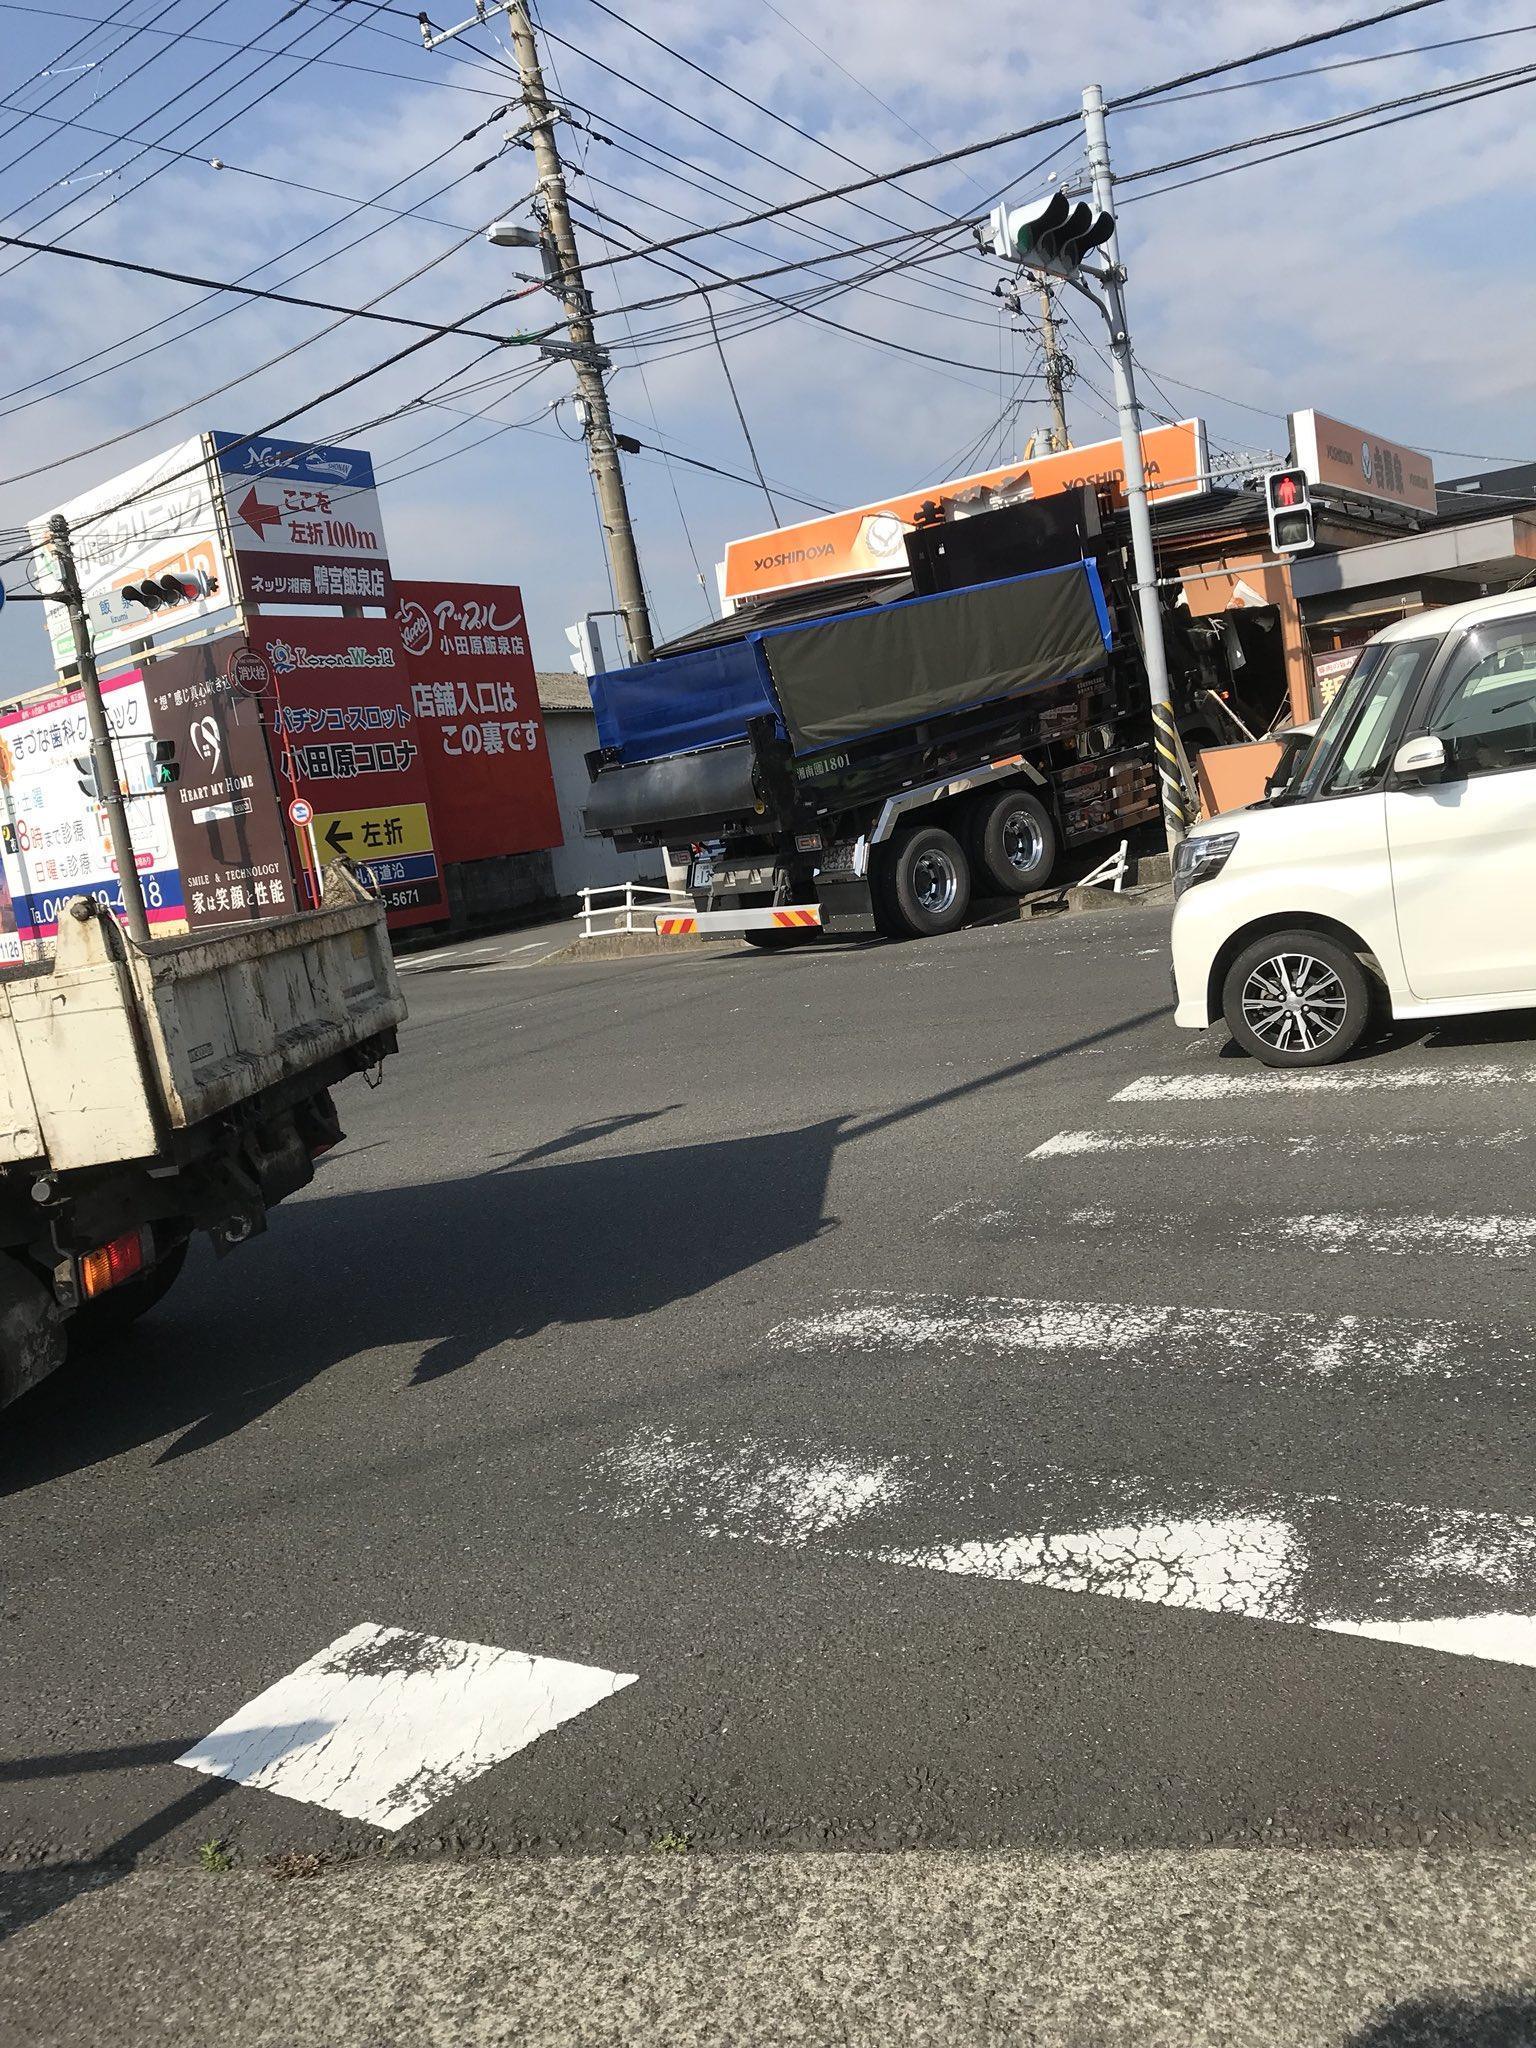 画像,飯泉の吉野家の車突っ込んでた https://t.co/QPTZ2iERzY。